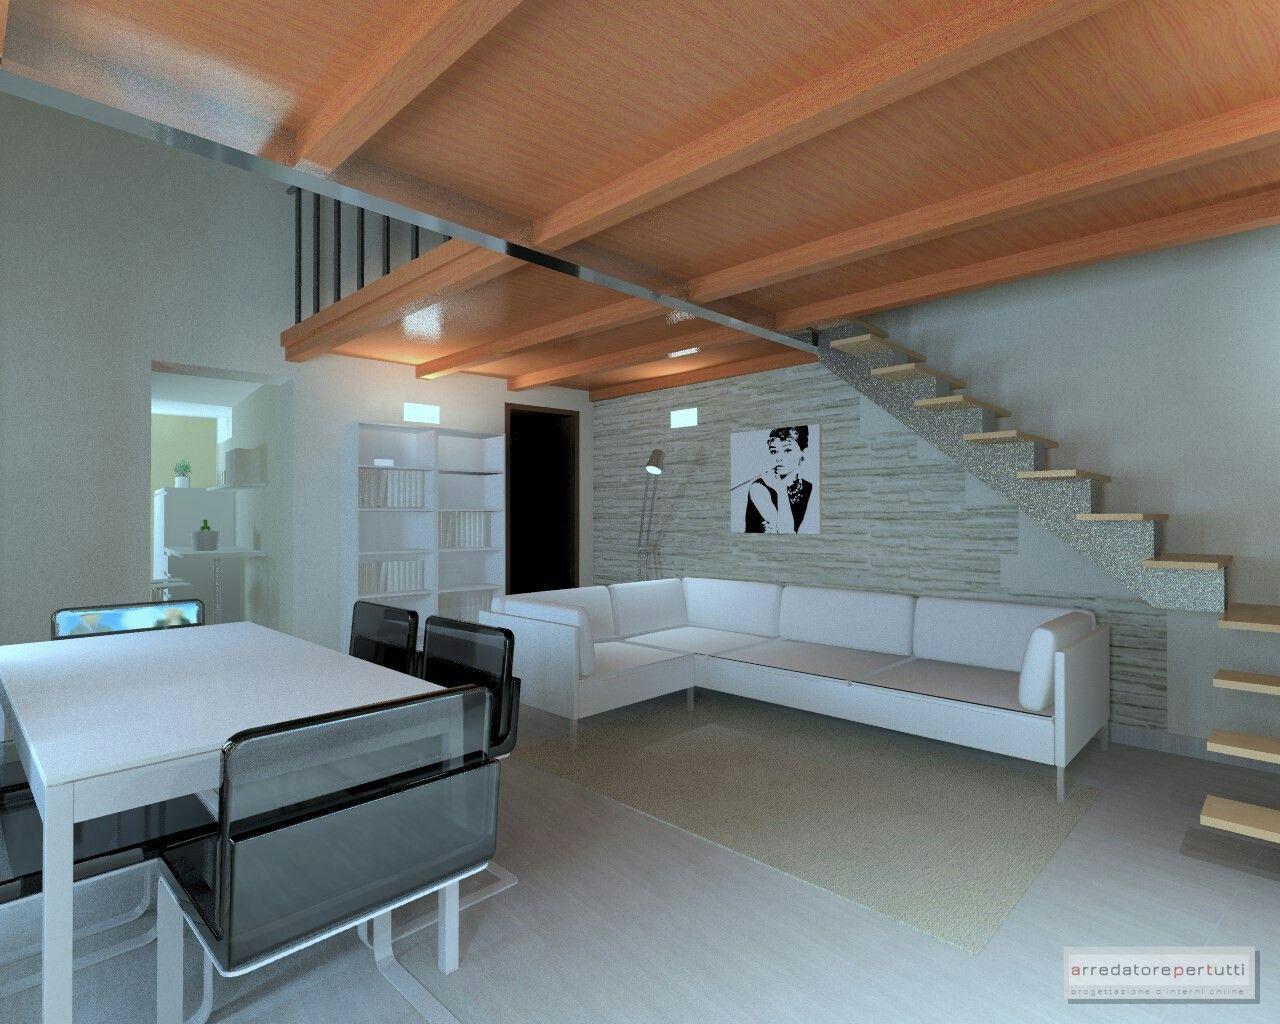 Angolo Tv Moderno soggiorno moderno, divano ad angolo, soppalco in legno